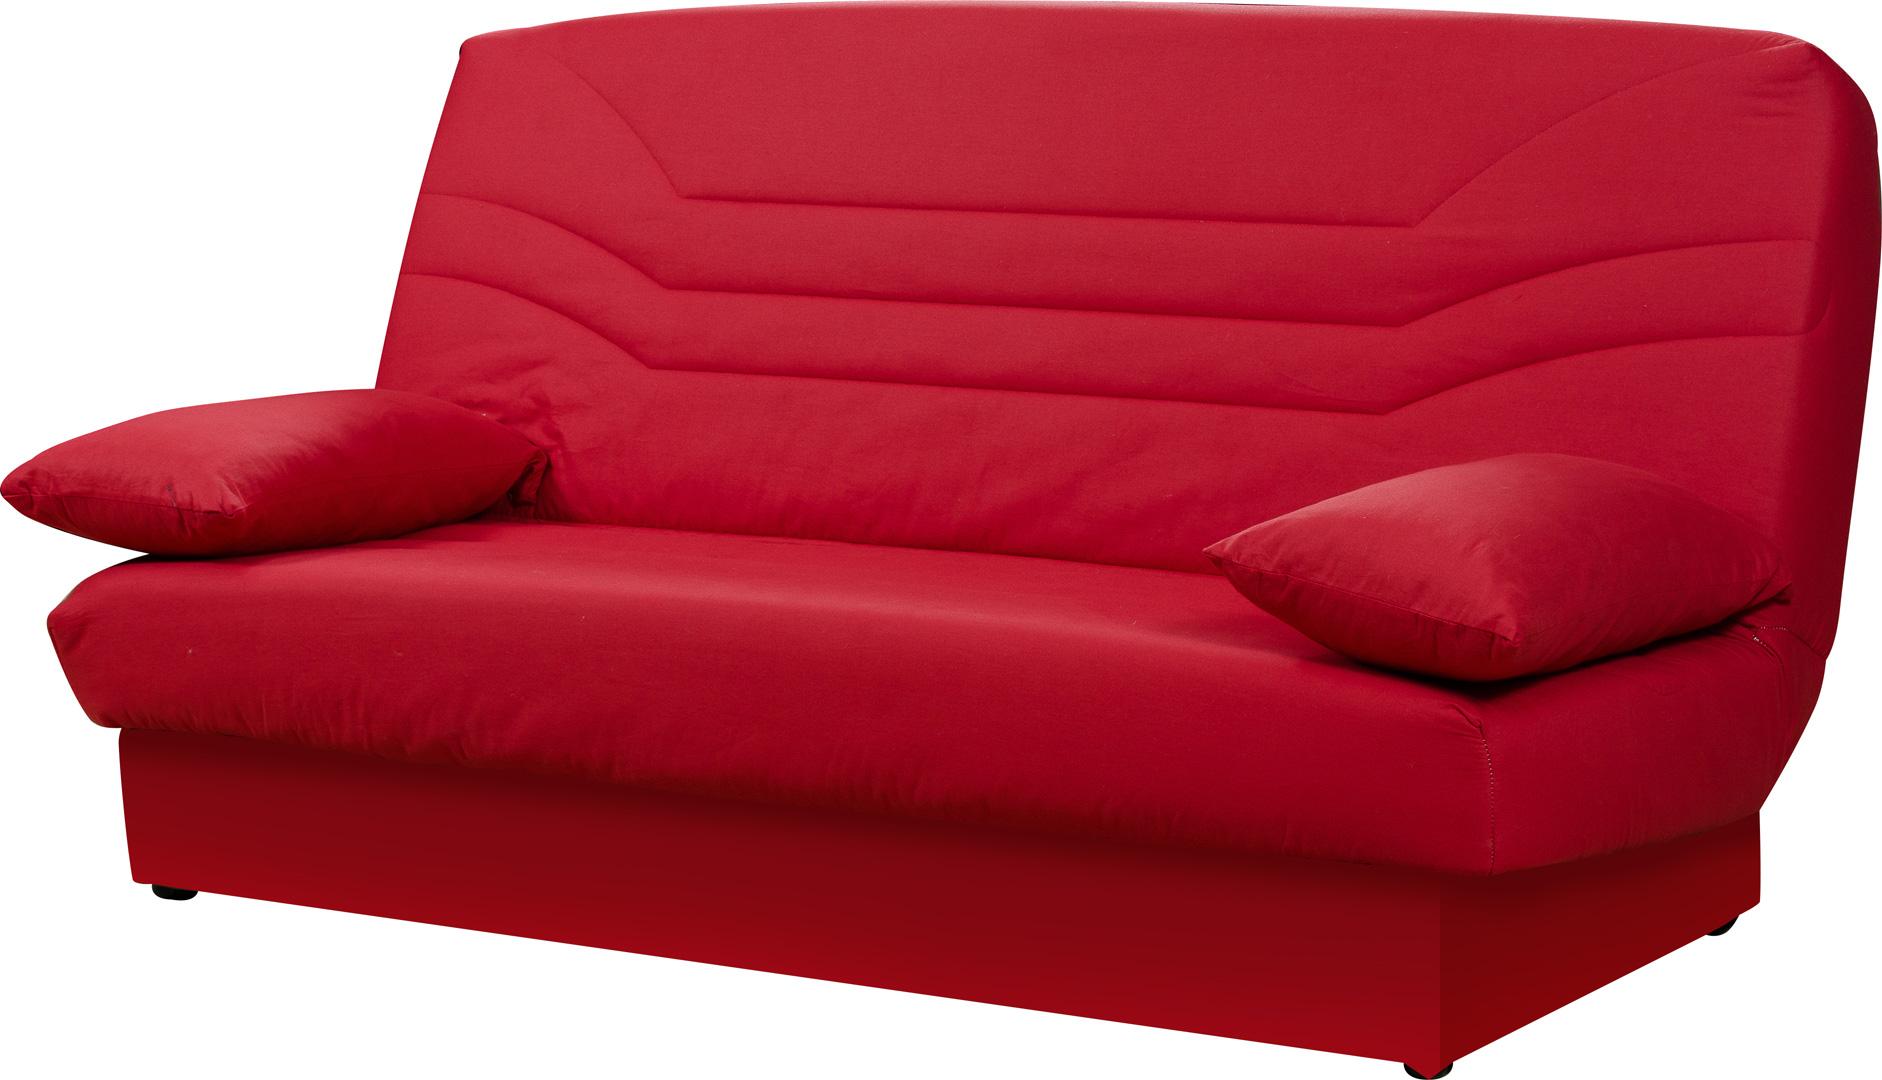 housse clic clac 2 housses de coussins emma. Black Bedroom Furniture Sets. Home Design Ideas